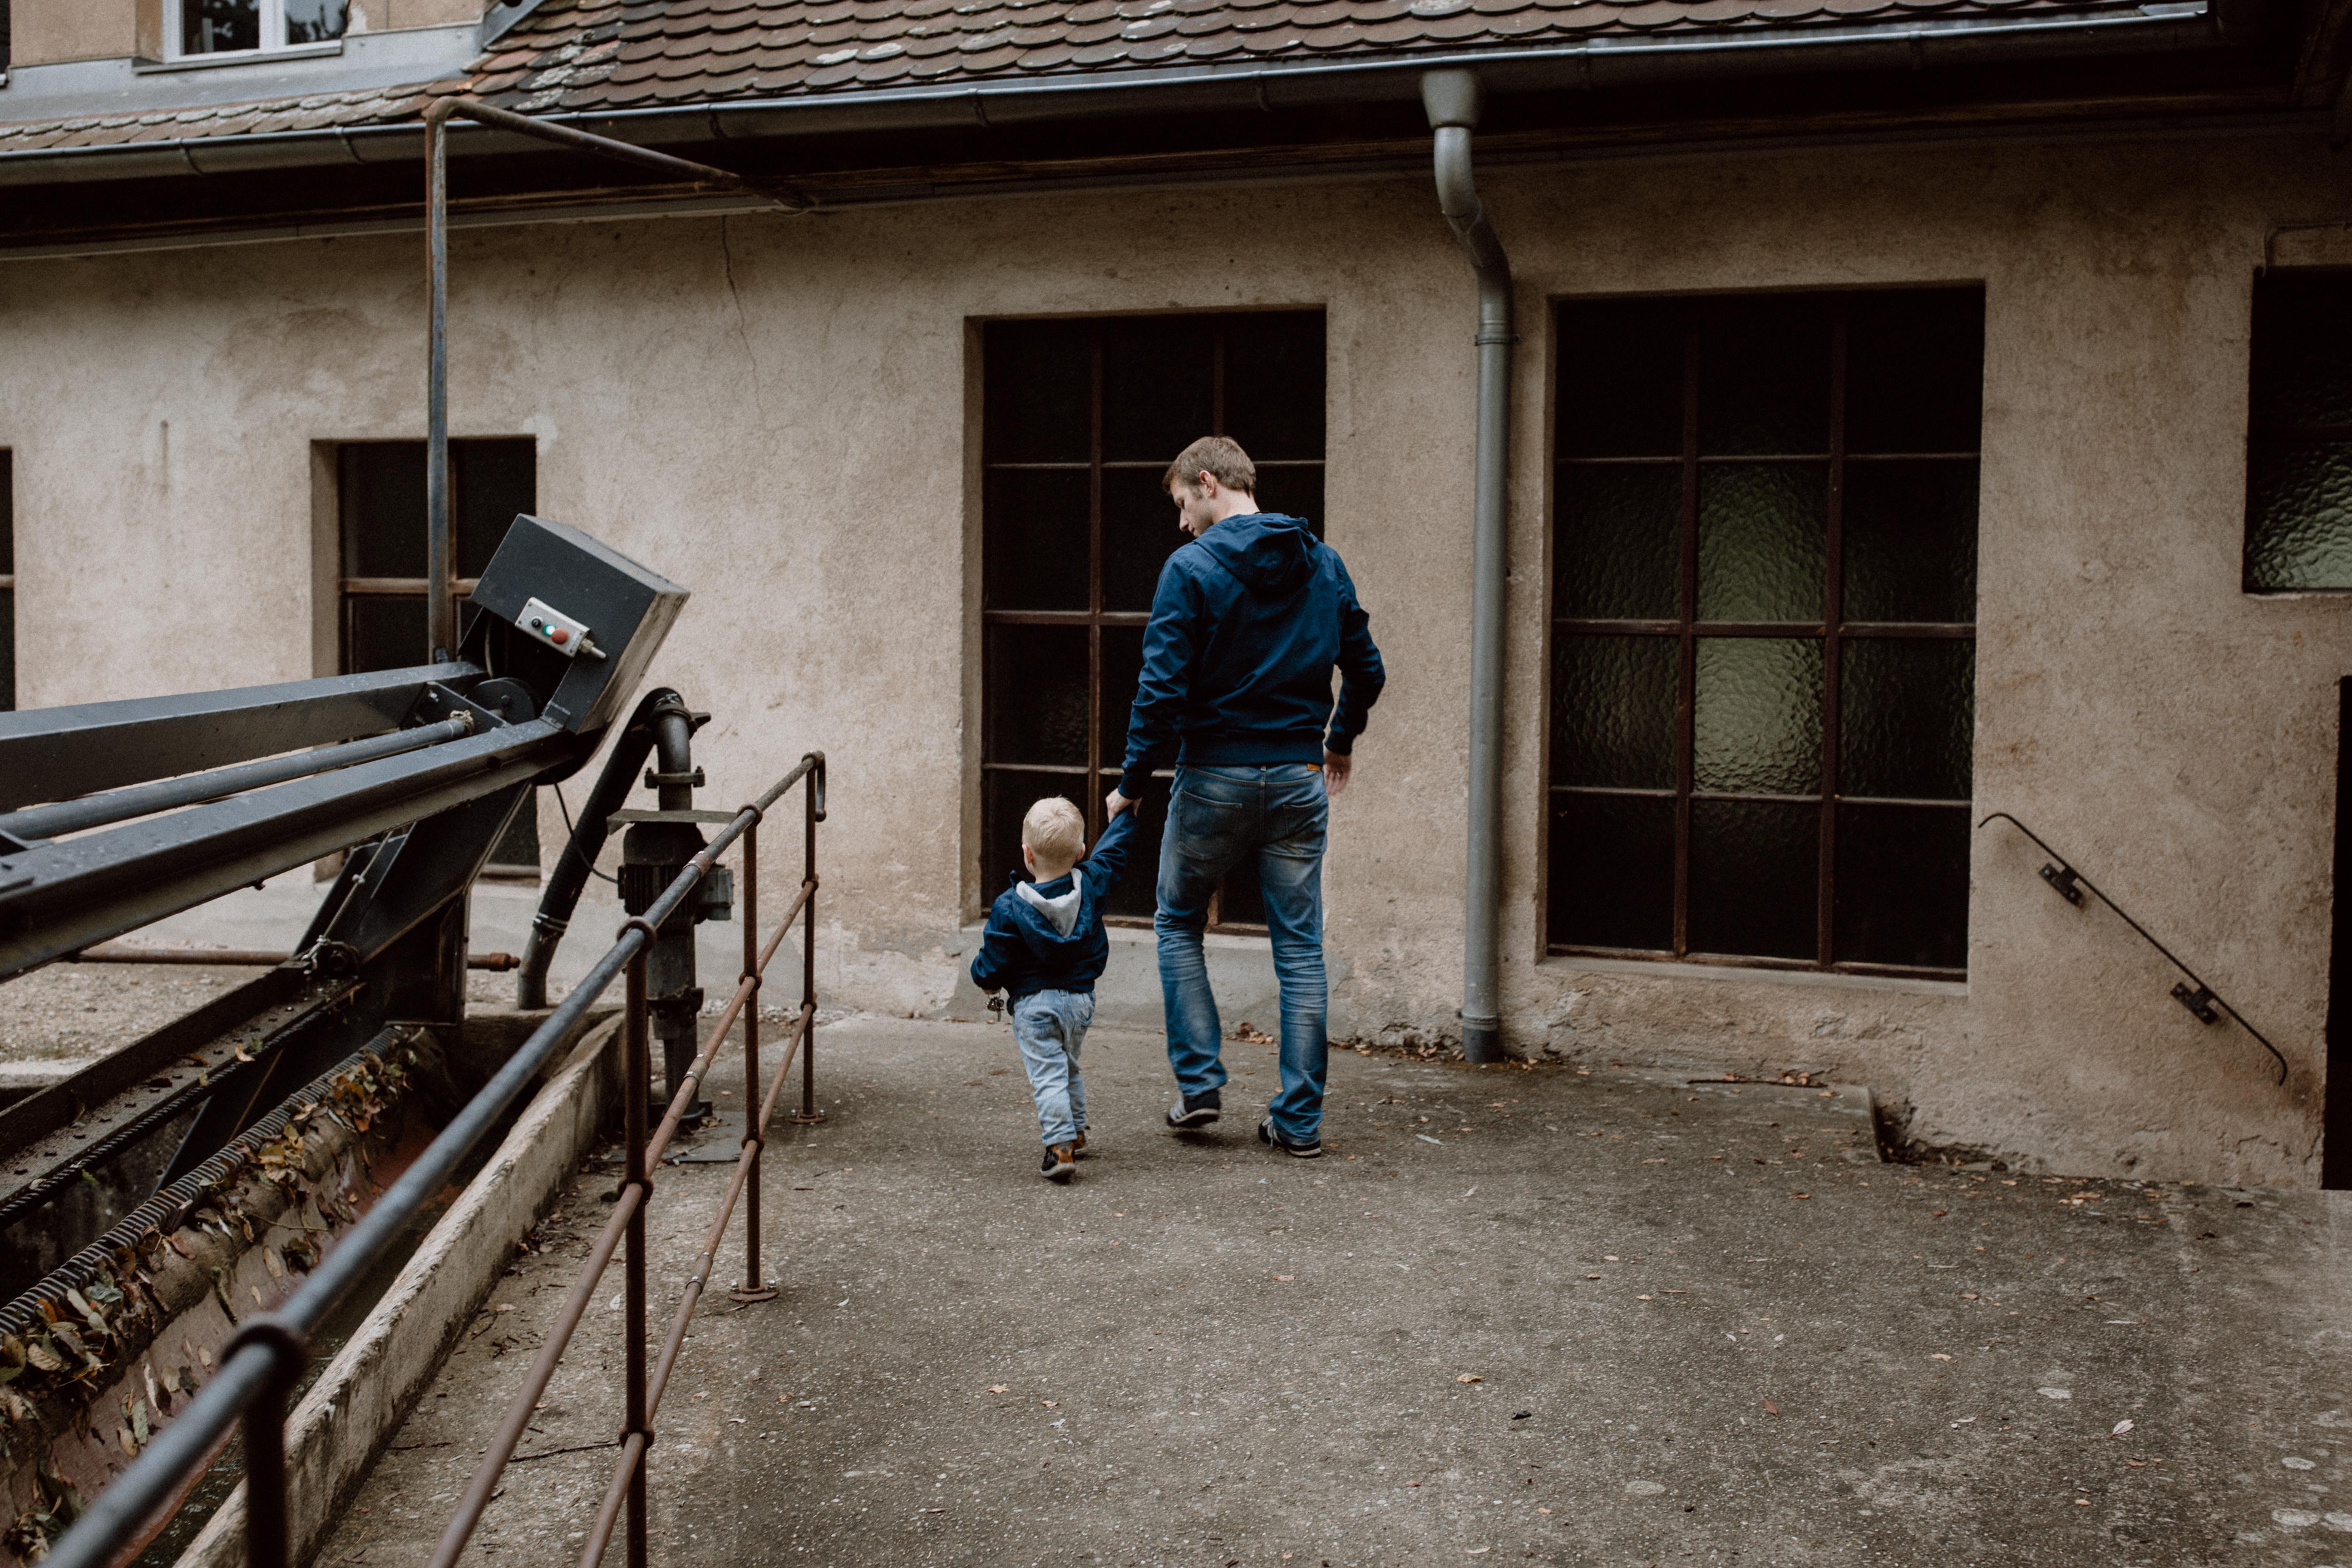 URBANERIE_Daniela_Goth_Fotografin_Nürnberg_Fürth_Erlangen_Schwabach_17902_001_0133